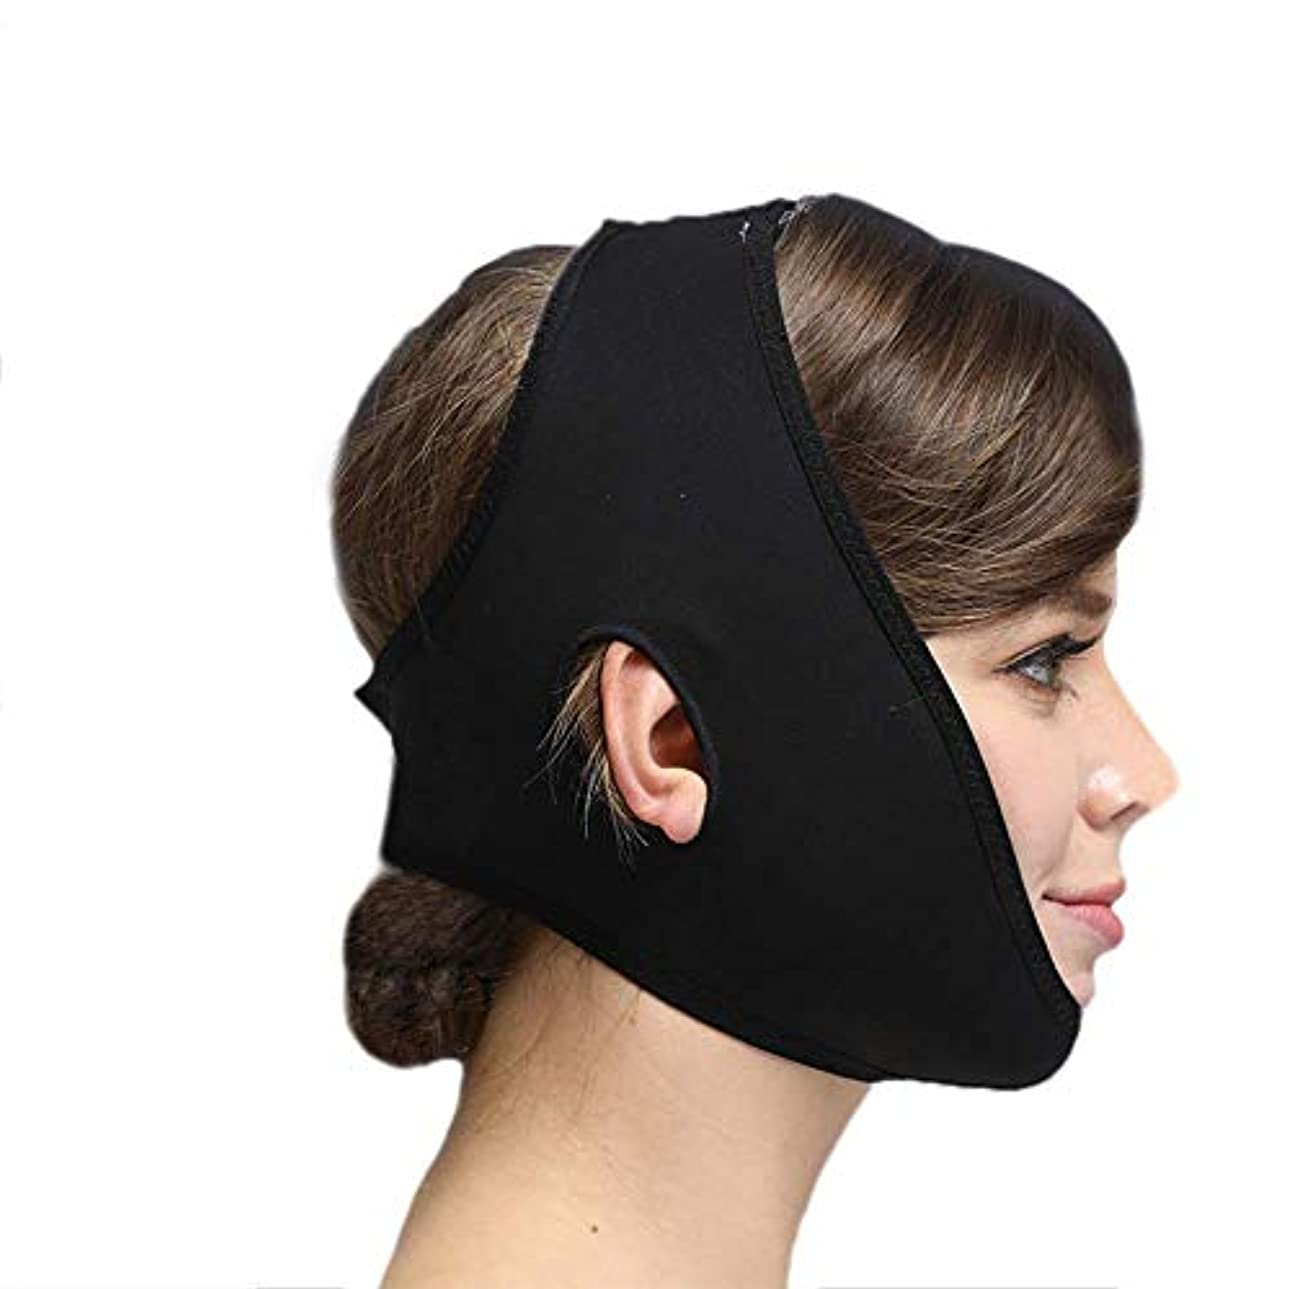 乞食報奨金楽しいフェイススリミングマスク、快適さと通気性、フェイシャルリフティング、輪郭の改善された硬さ、ファーミングとリフティングフェイス(カラー:ブラック、サイズ:XL),ブラック2、L